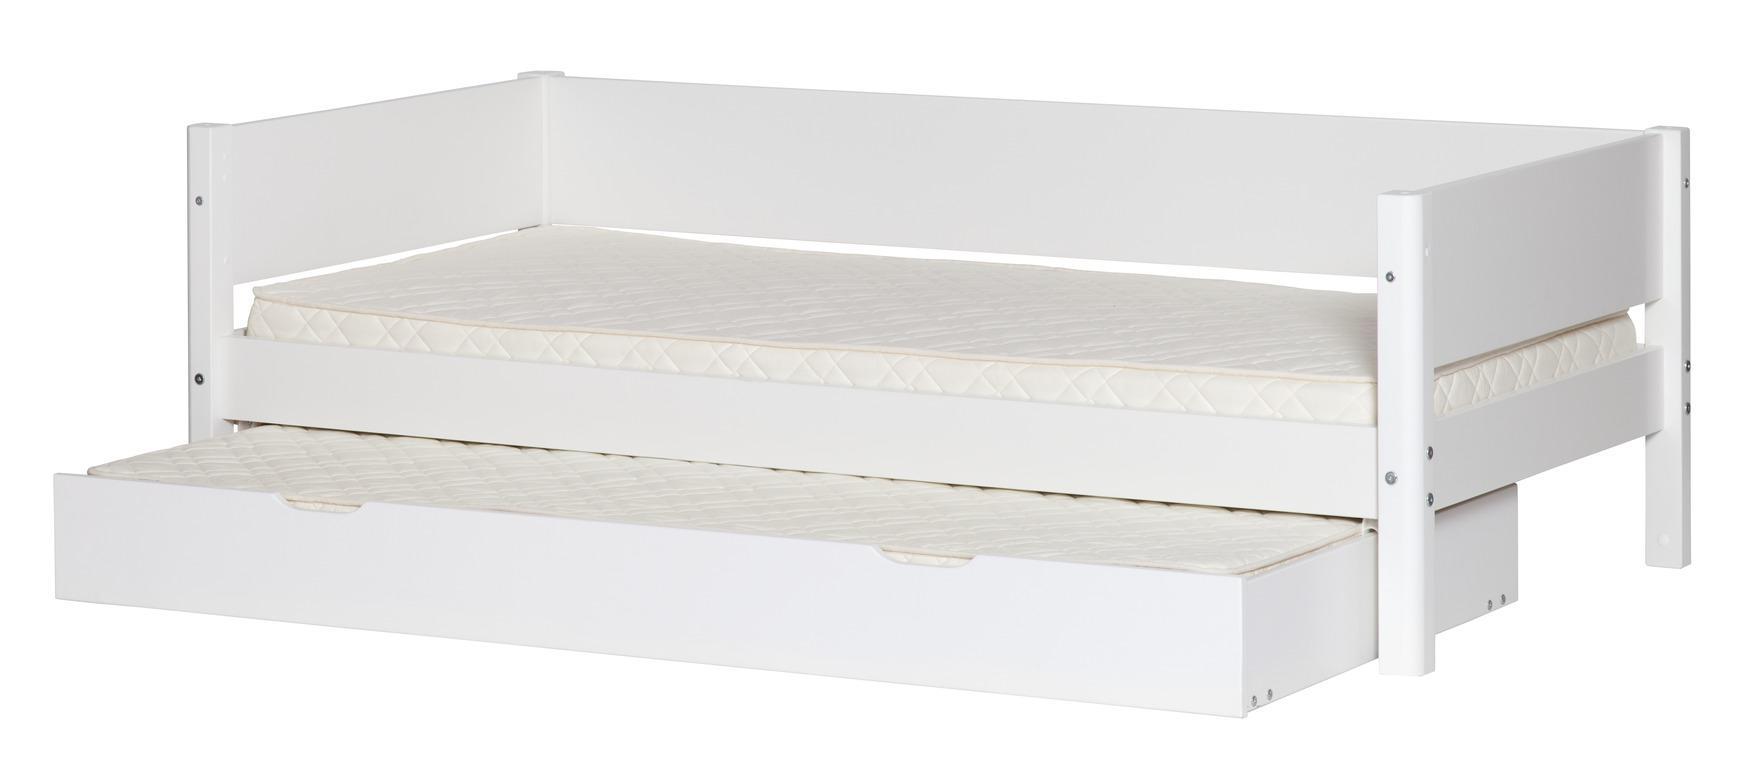 chambres enfants meubles evolutifs flexa flexa bruxelles. Black Bedroom Furniture Sets. Home Design Ideas